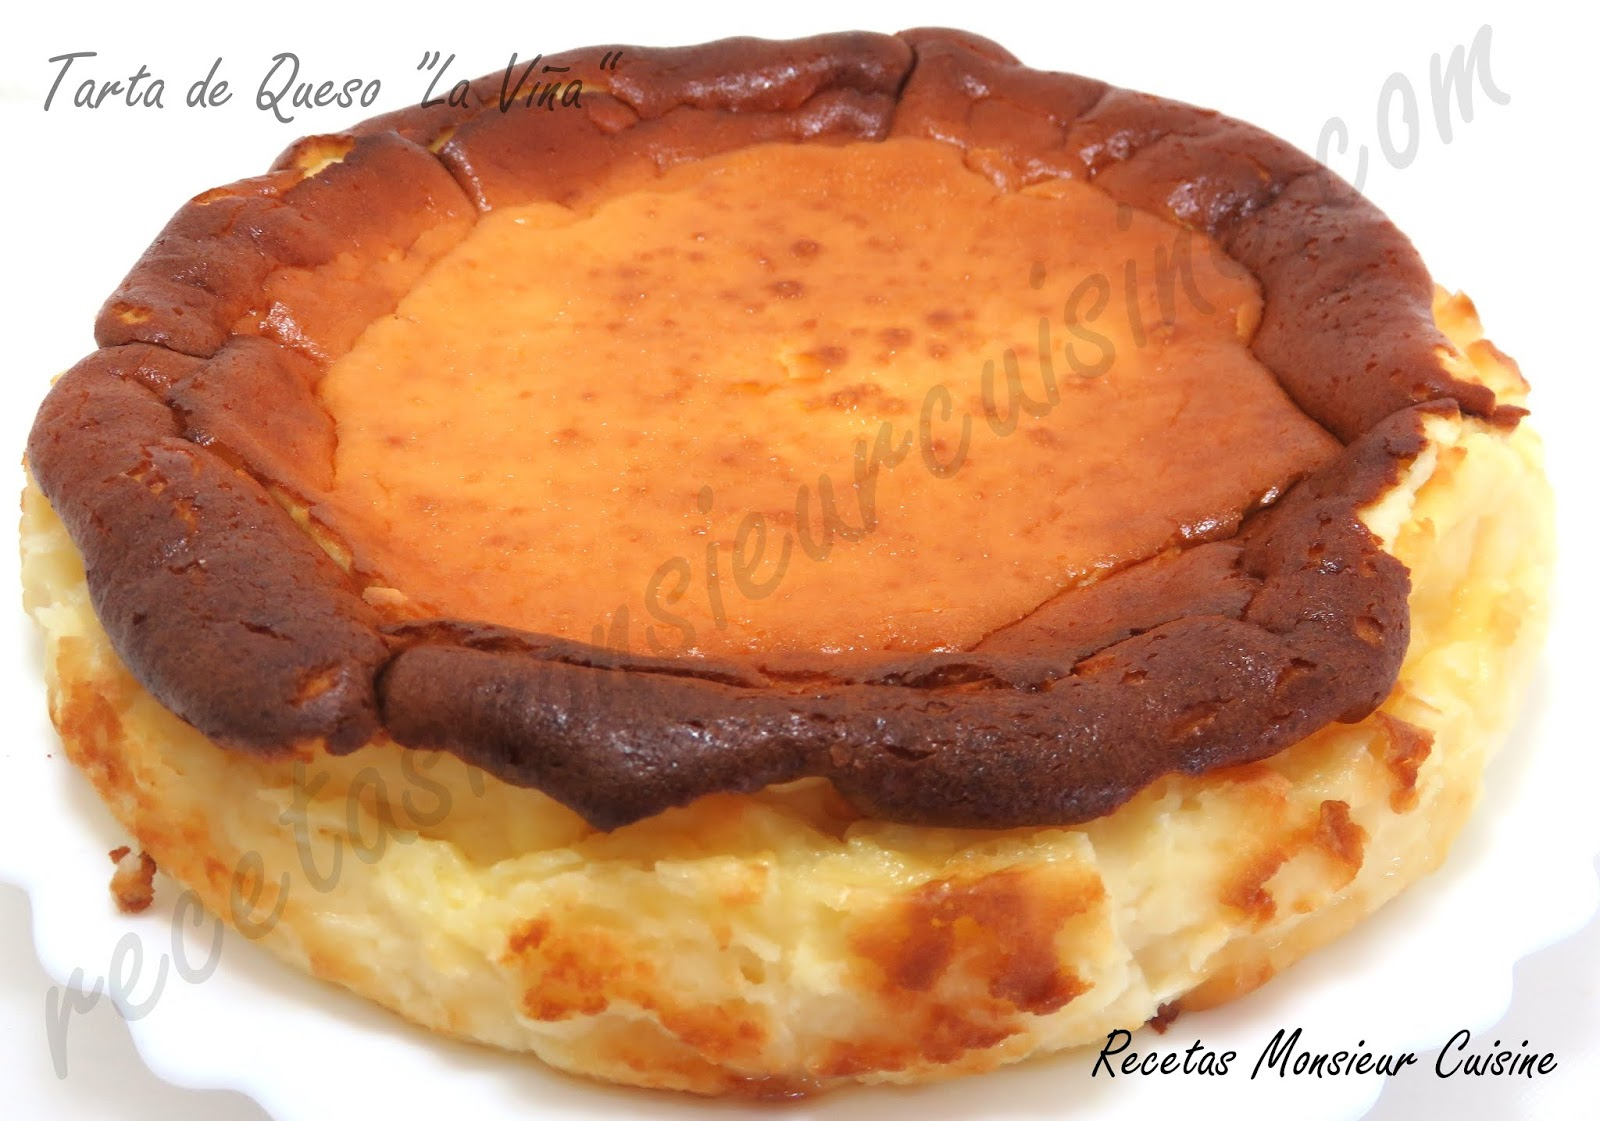 Recetas Monsieur Cuisine Tarta De Queso La Viña